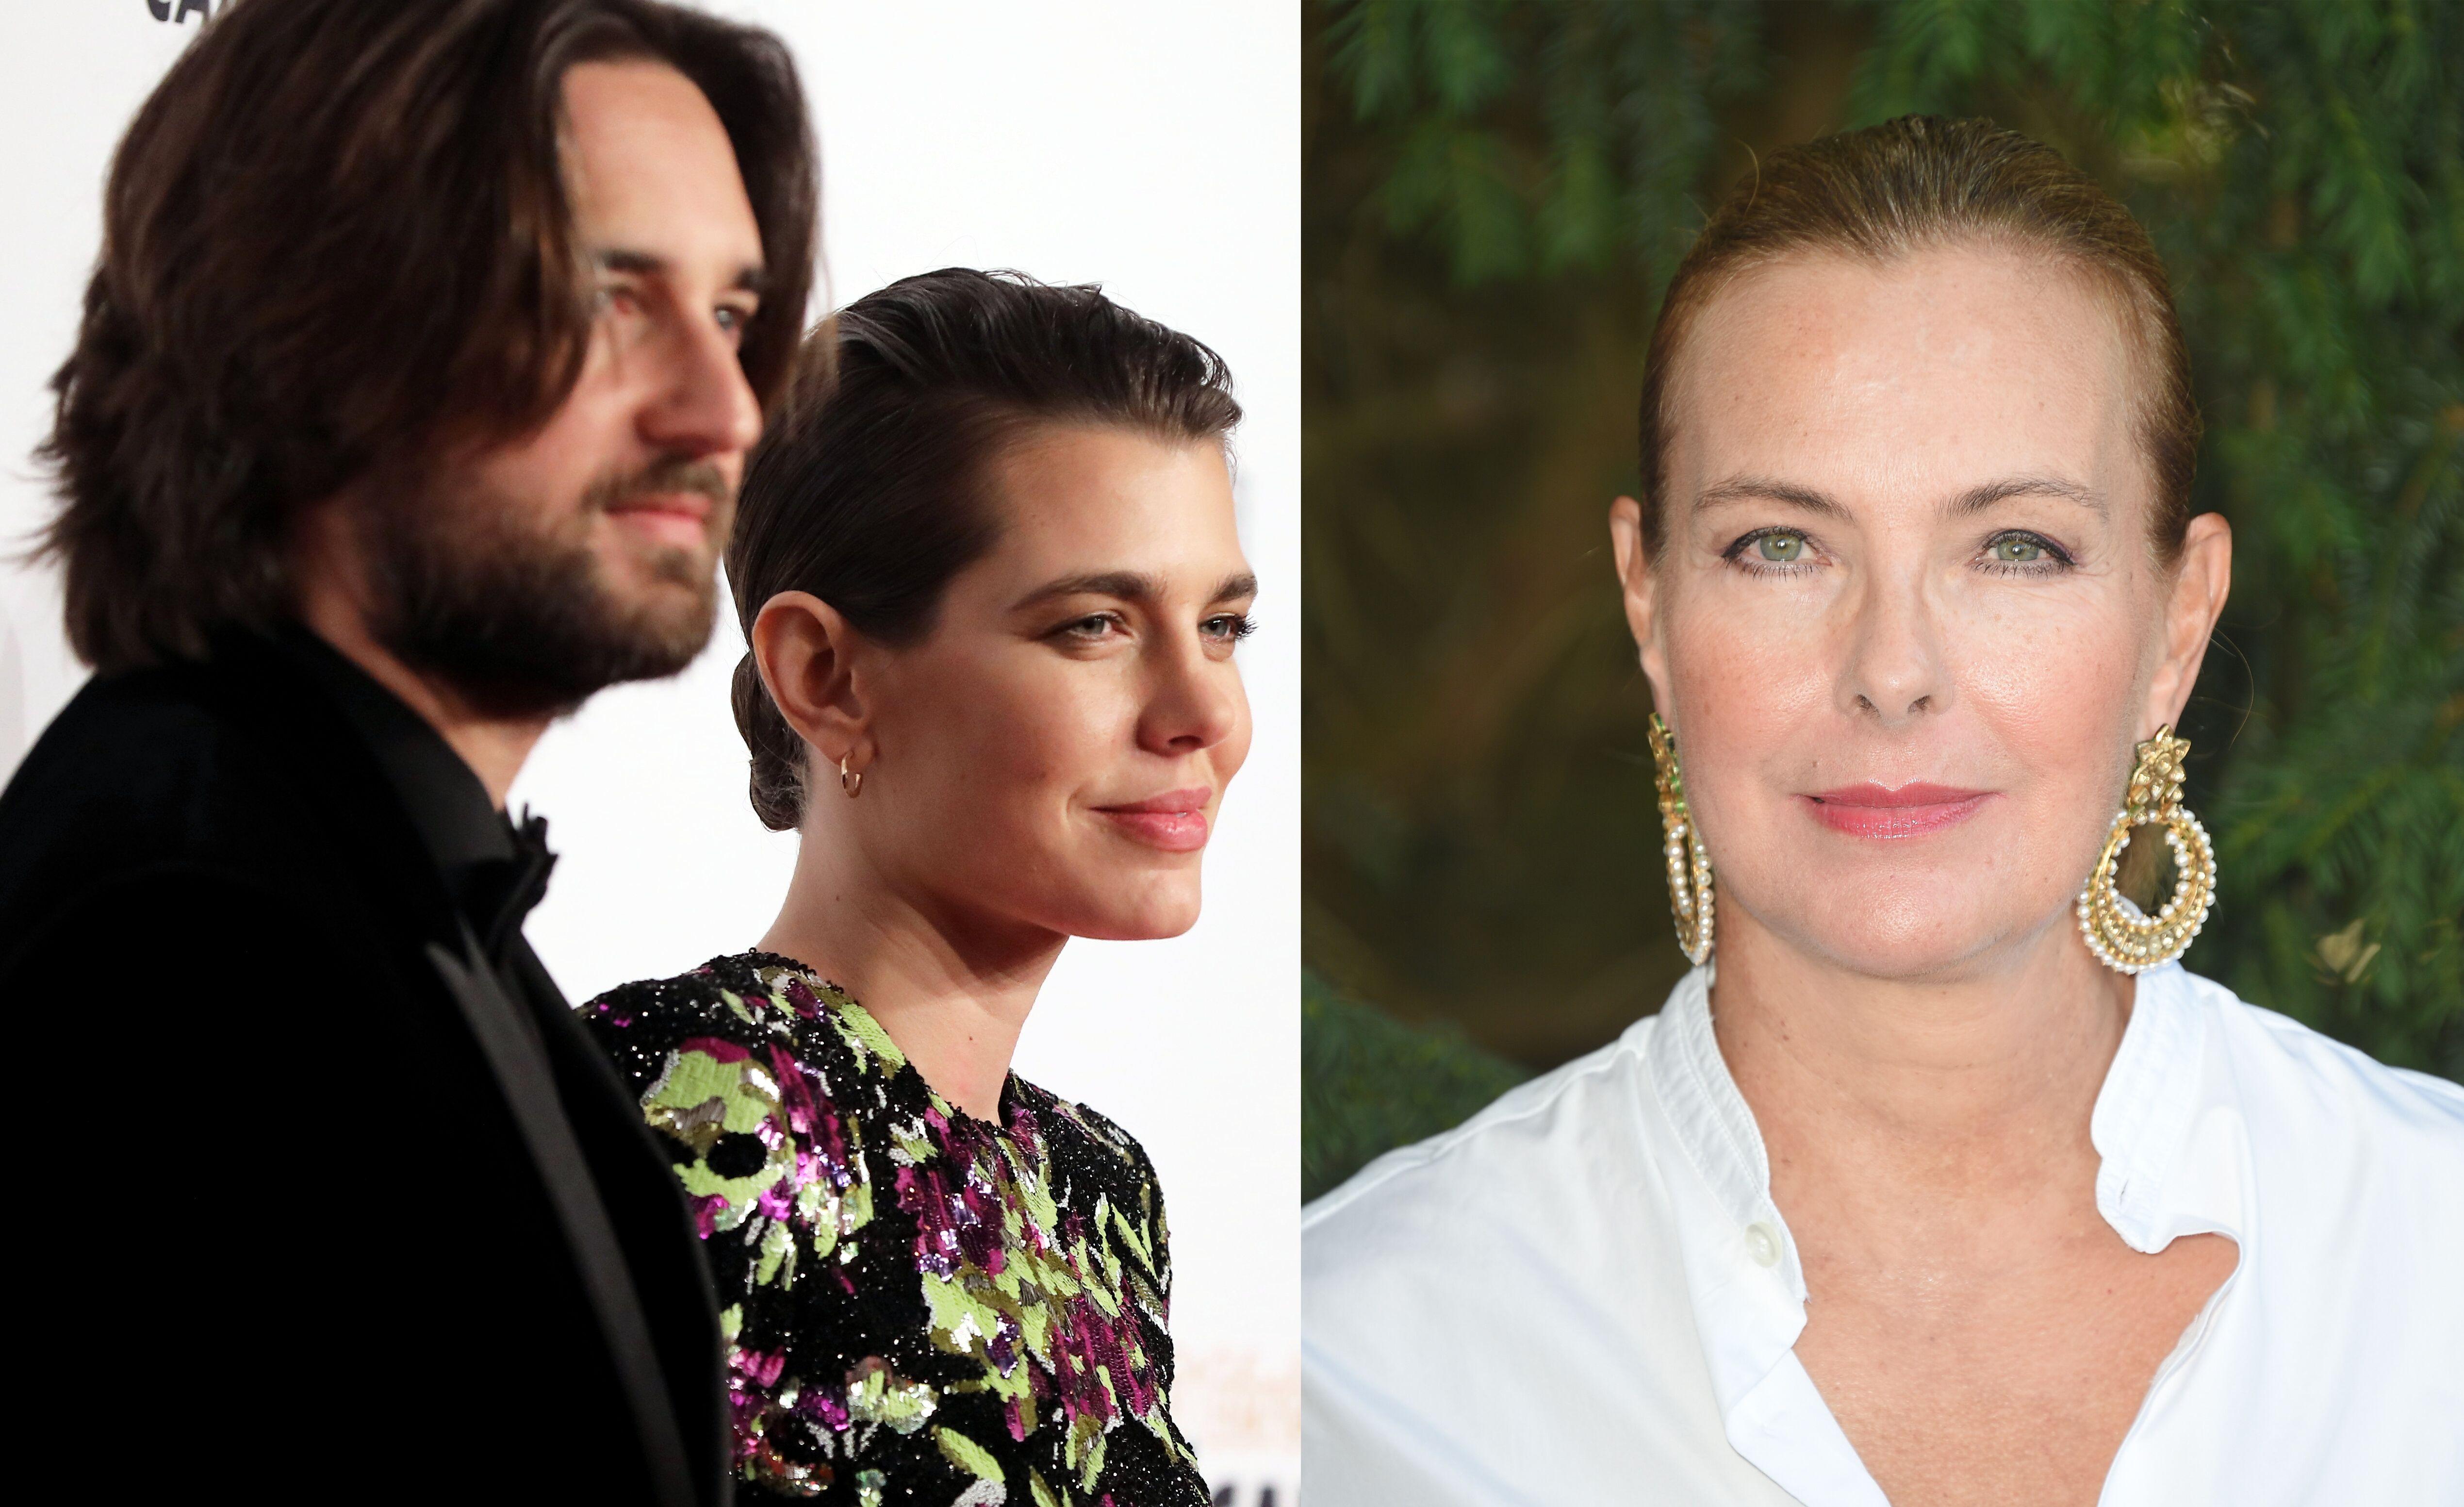 Charlotte Casiraghi mariée à Dimitri Rassam  quels sont ses rapports avec Carole  Bouquet ? , Voici